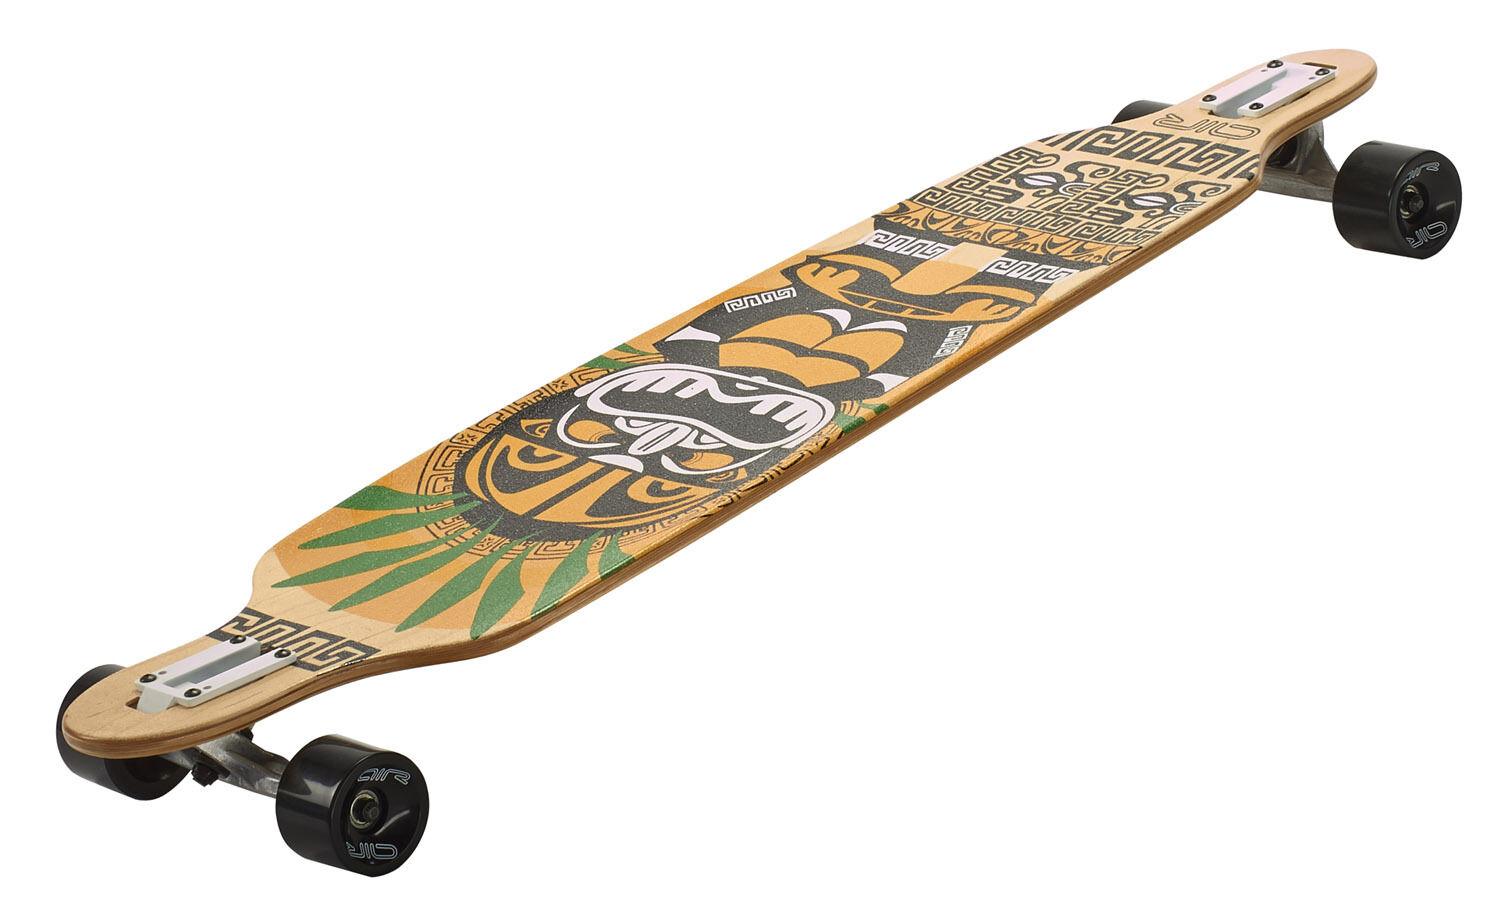 Longboard Komplettboard Einsteiger Einsteiger Komplettboard Drop Shape Niedrig Sportbanditen Dropmount 107 cm 777987